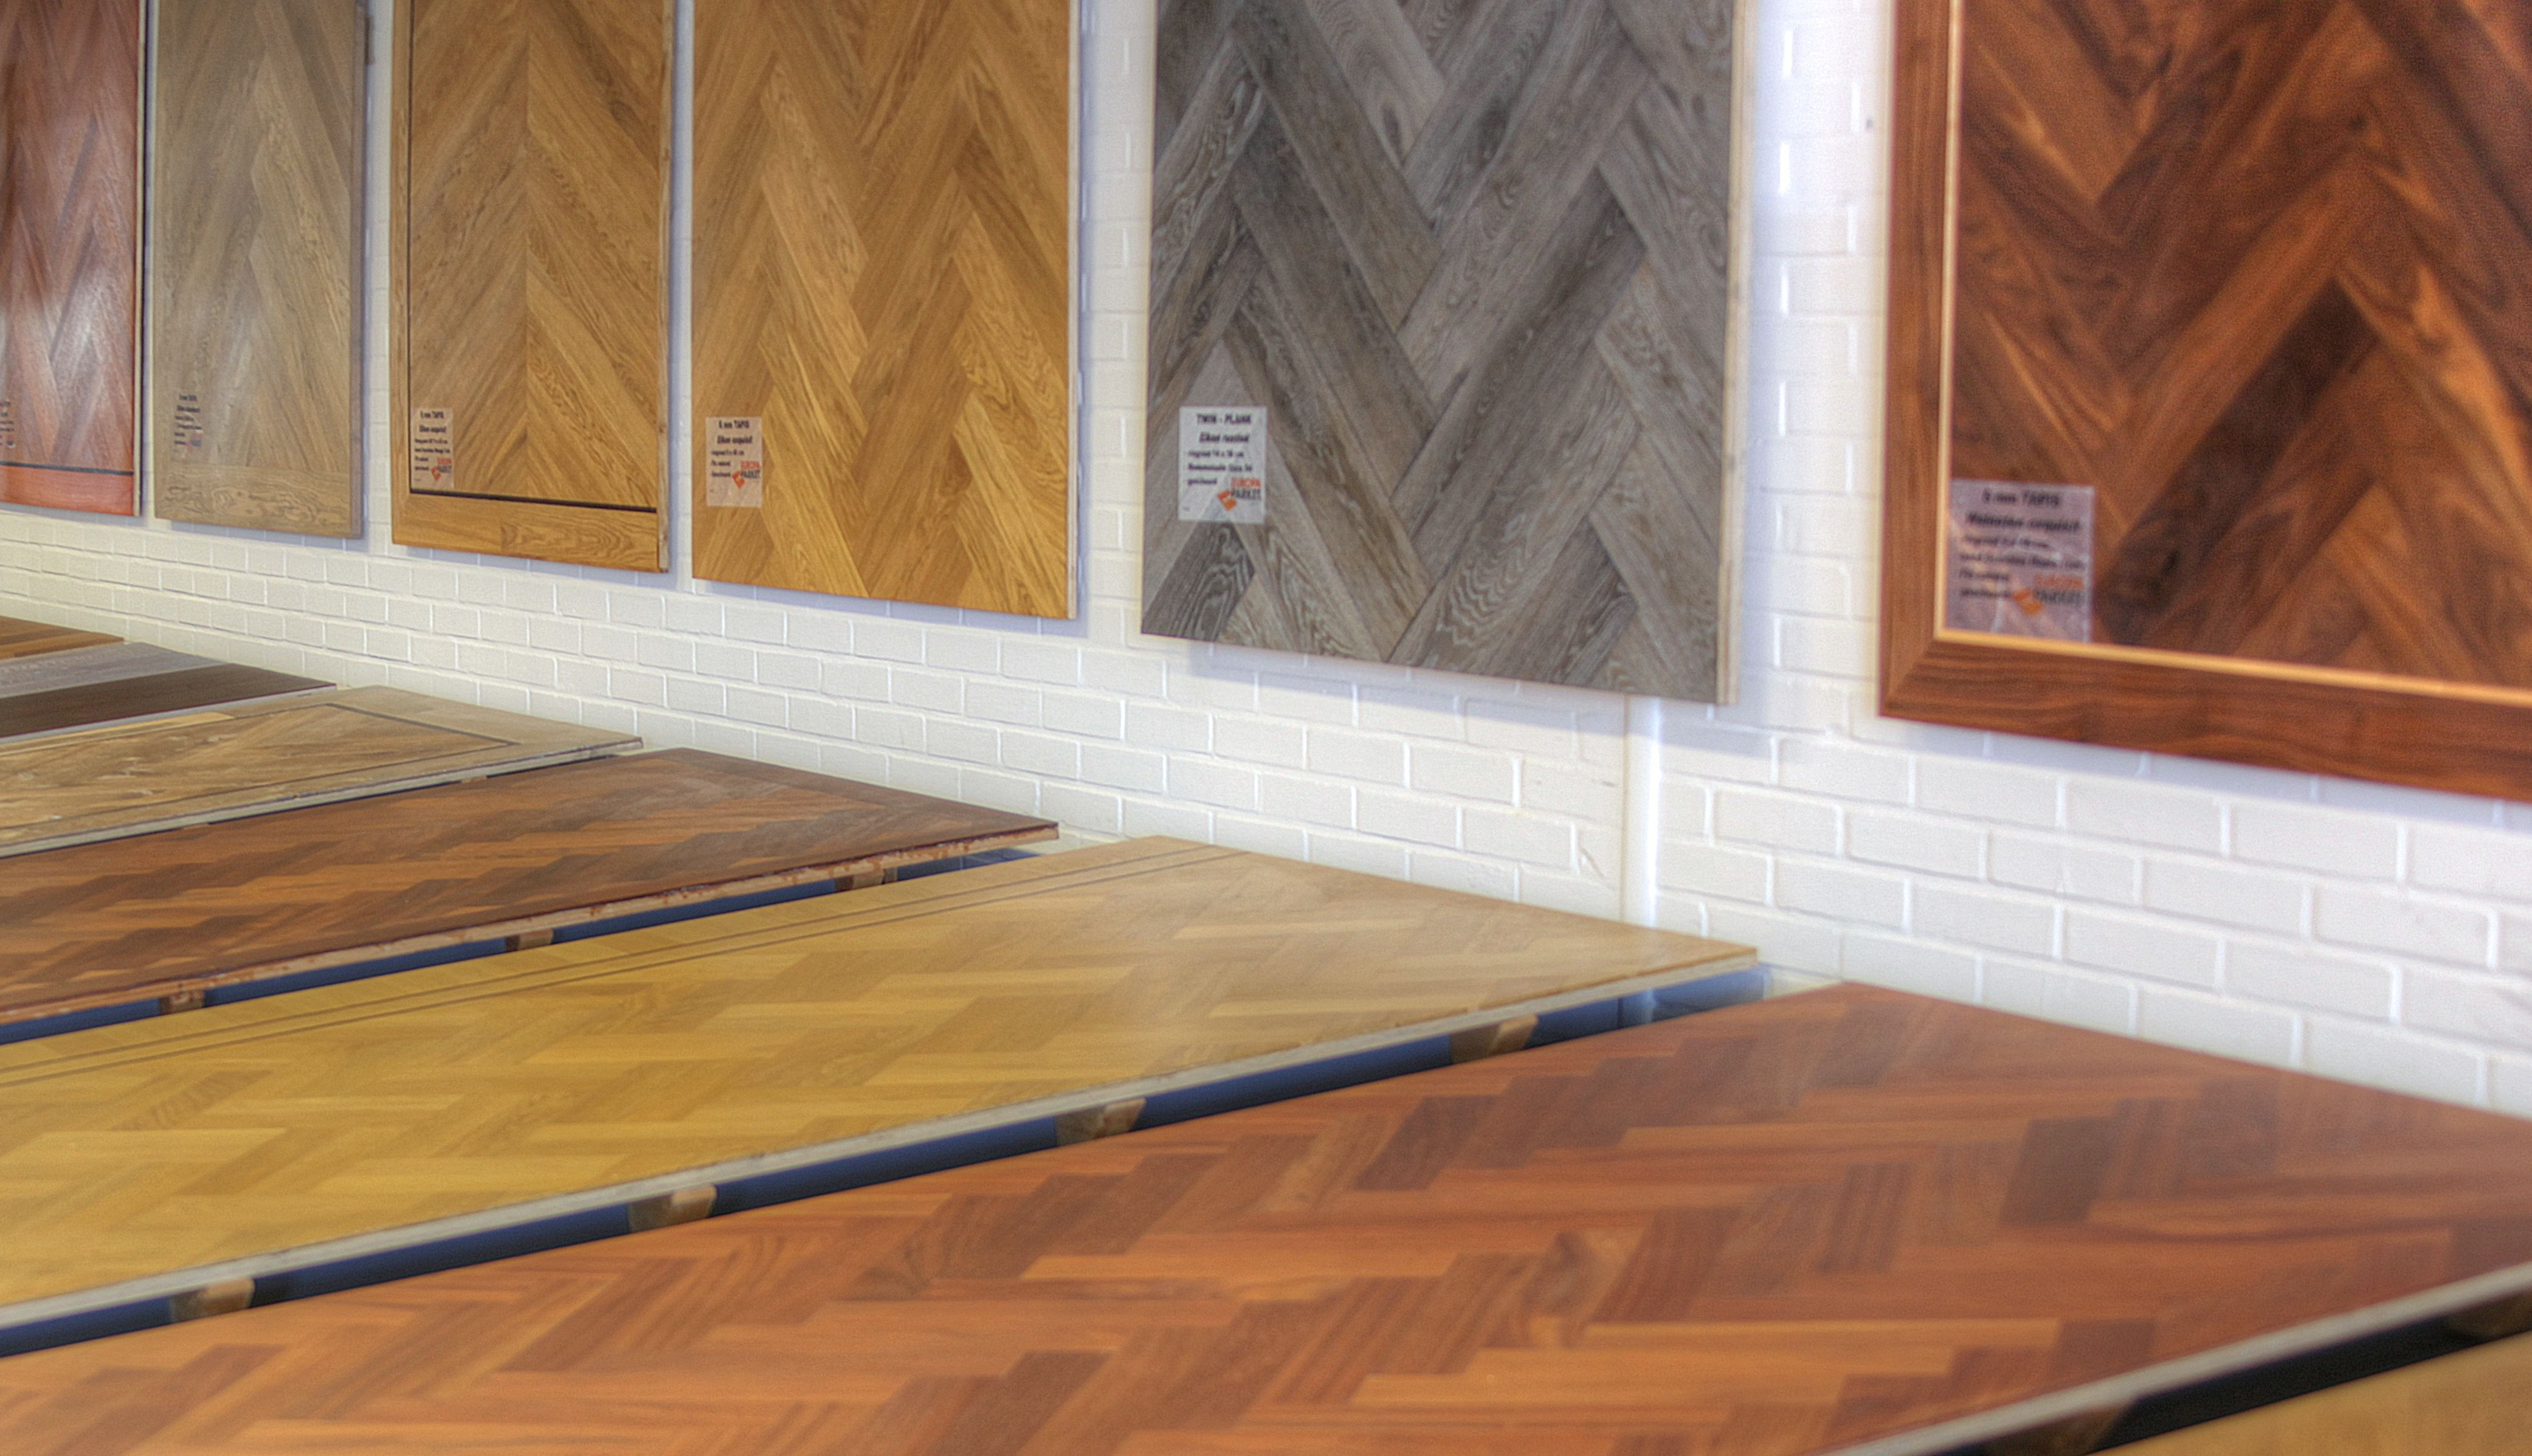 Wist u dat wij in onze showroom niet alleen houten patroon